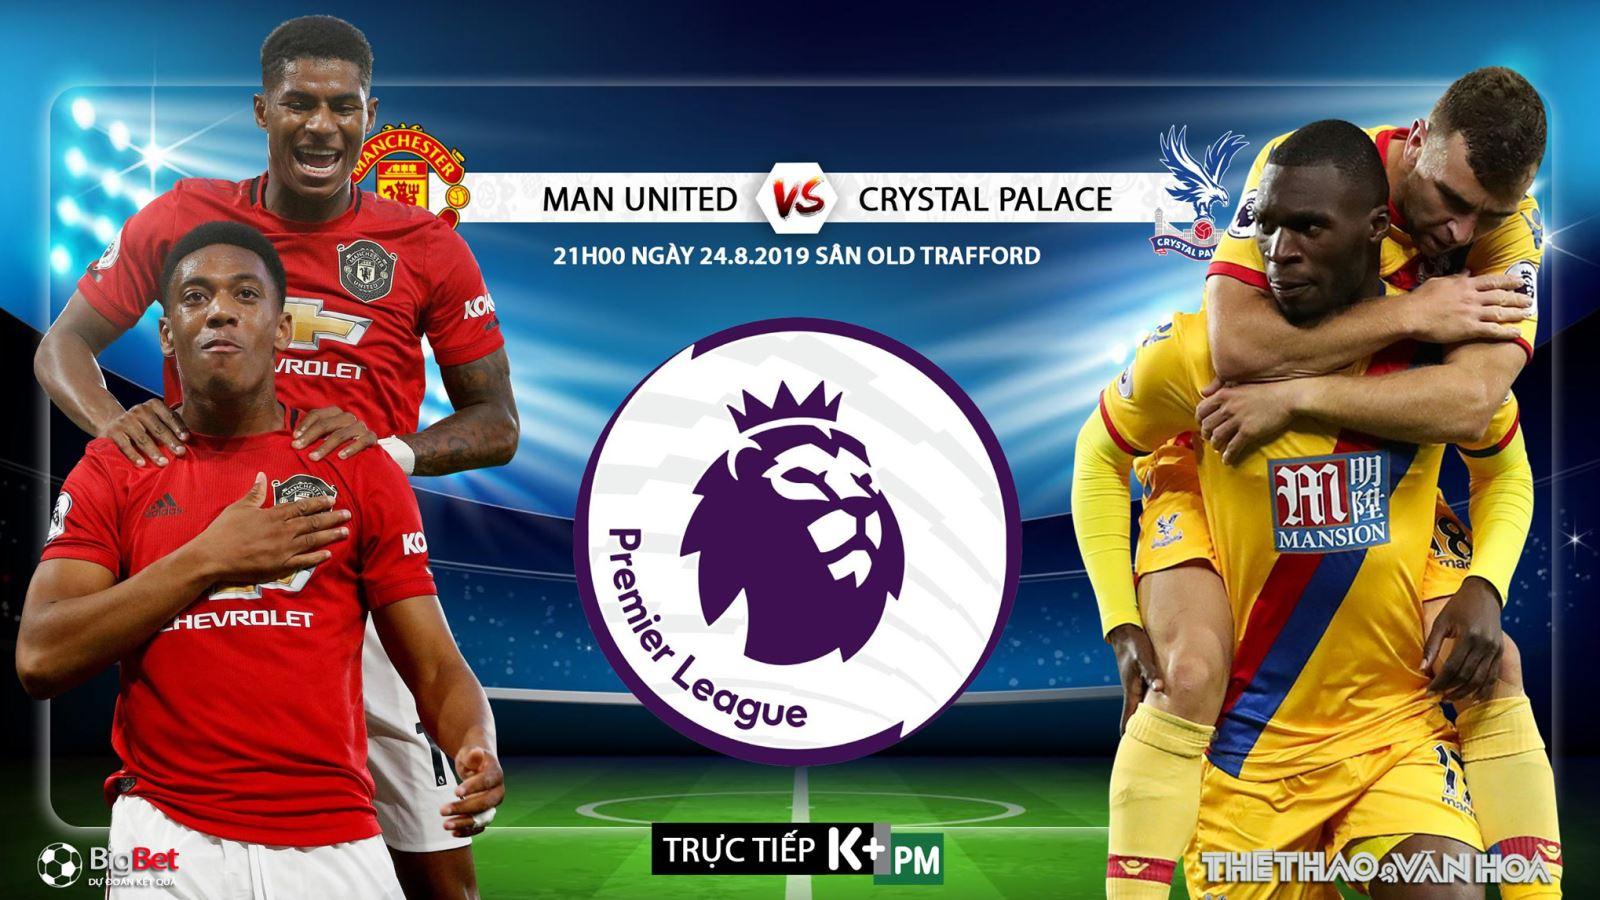 truc tiep bong da hôm nay, K+, MU vs Crystal Palace, trực tiếp bóng đá, Liverpool vs Arsenal, xem bóng đá trực tuyến, xem trực tiếp bóng đá, K+ PM, Ngoại hạng Anh, xem K+